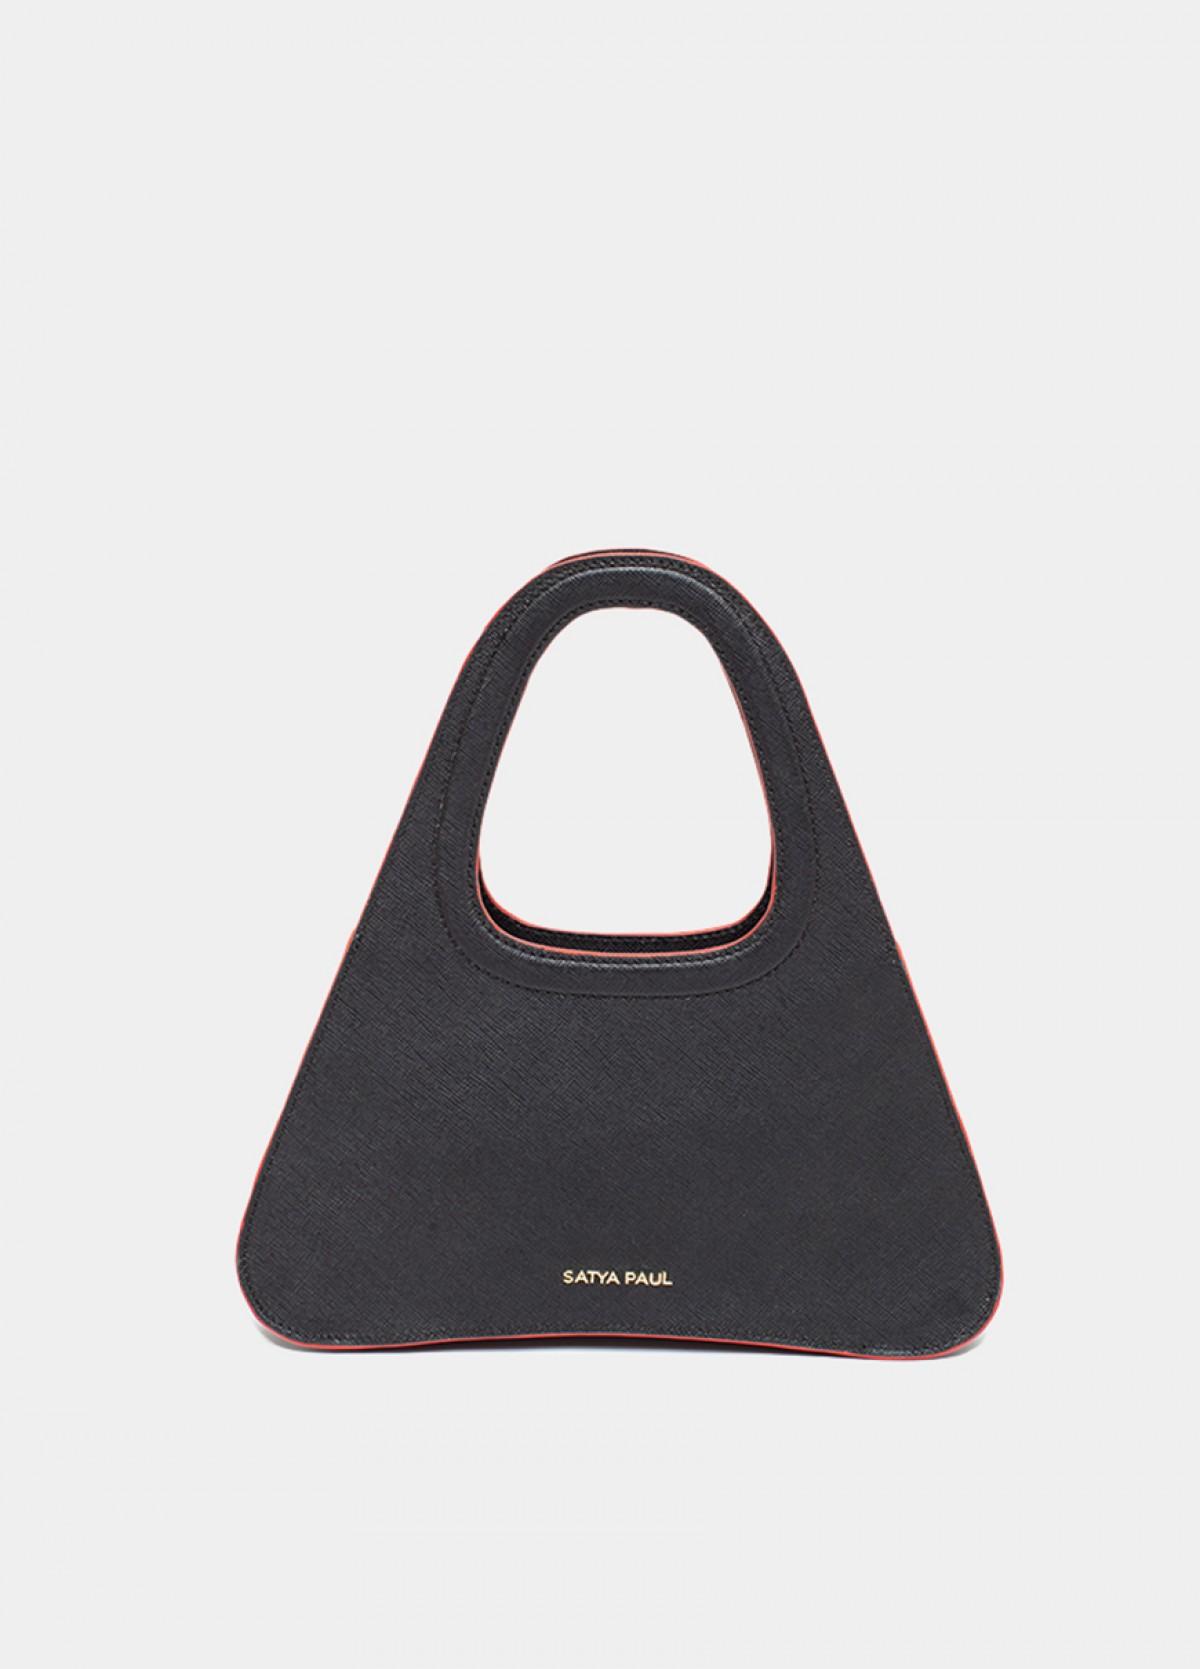 The Junga Leather Handbag